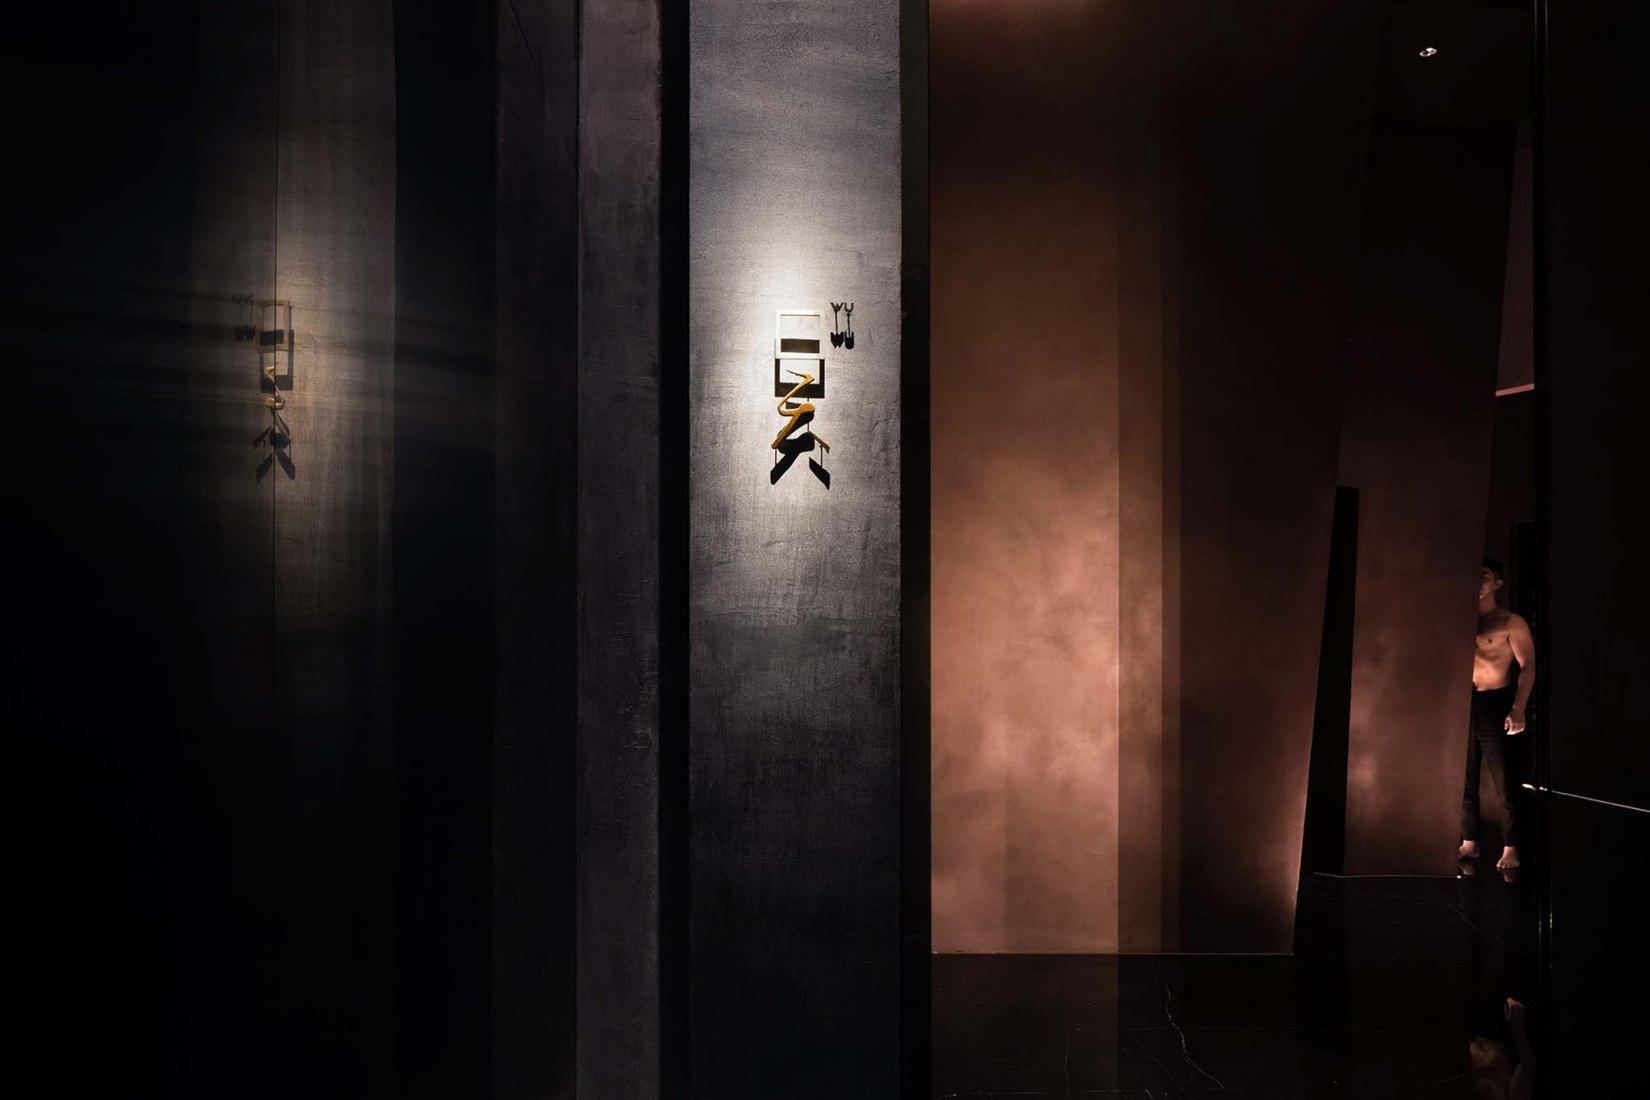 WU Club por AD Architecture. Fotografía por Ouyang Yun